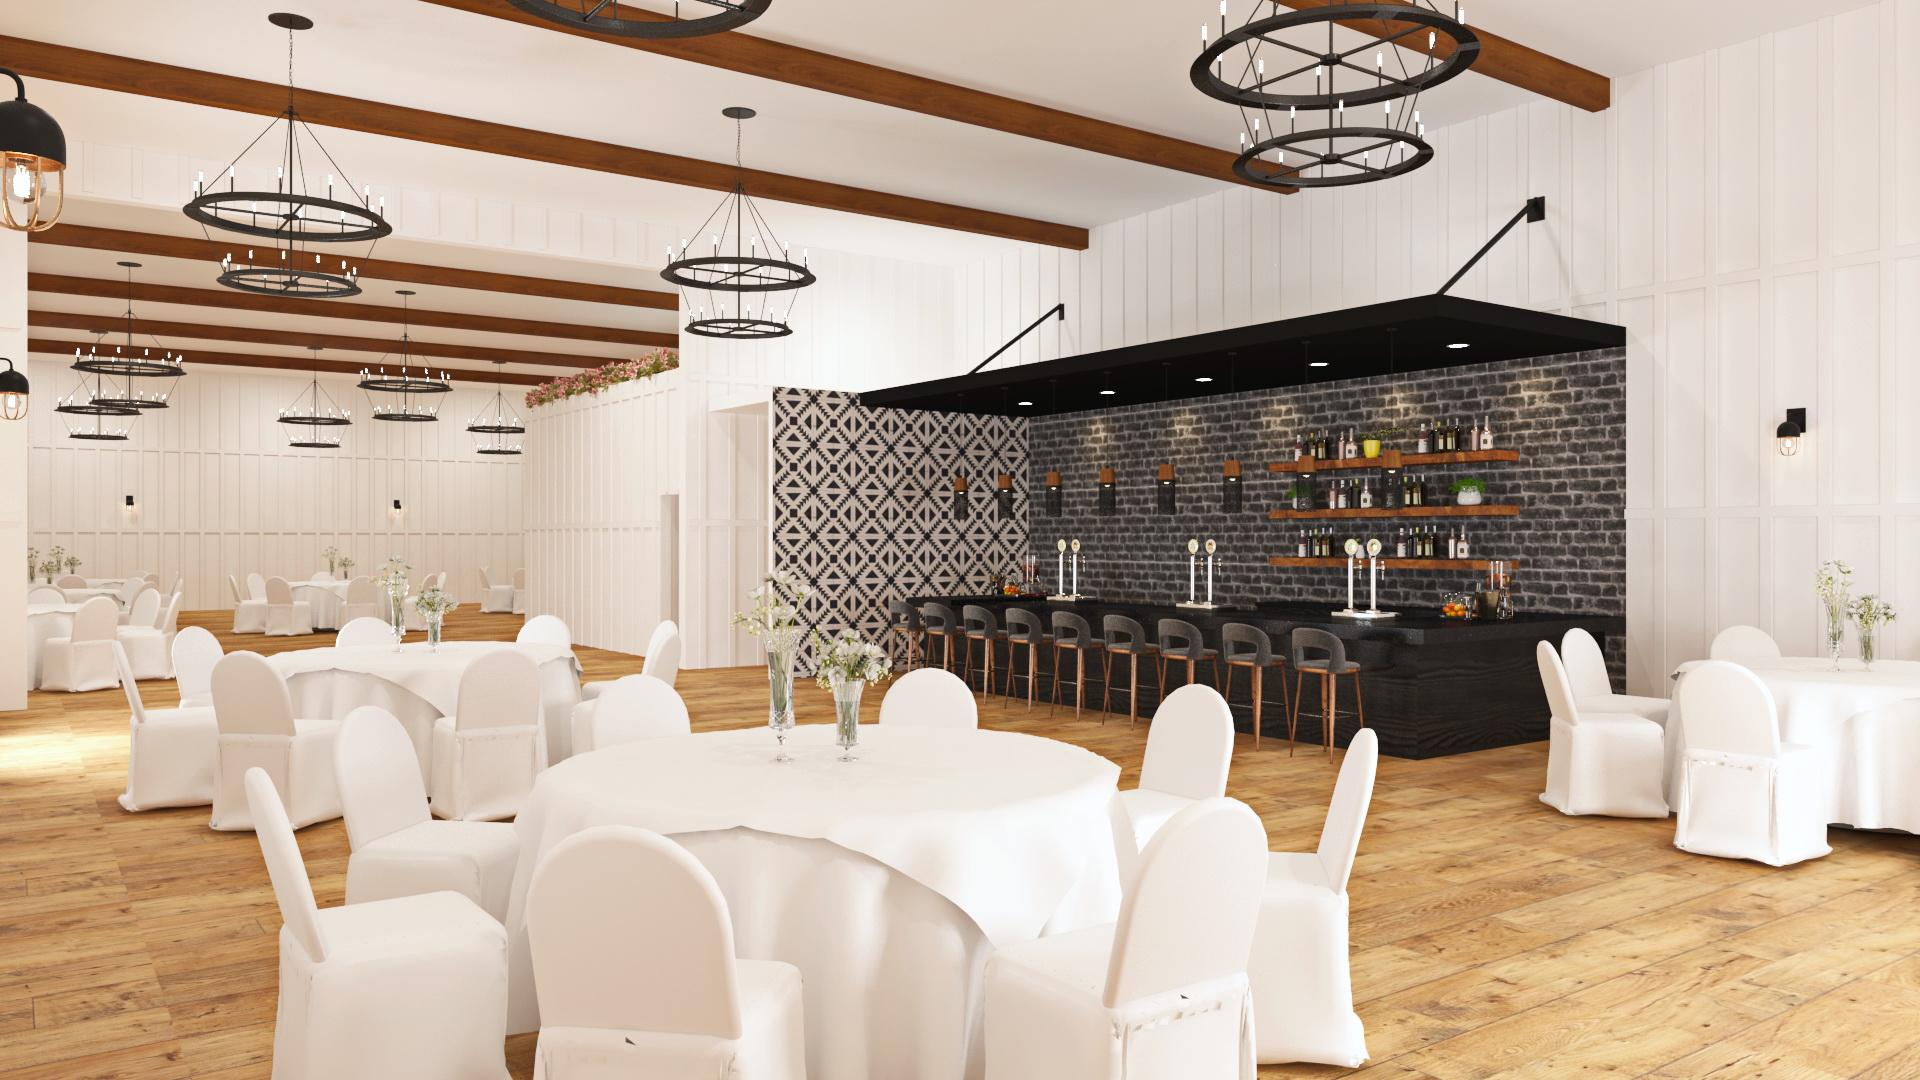 Banquet  interior 01 05-20-2020.jpg